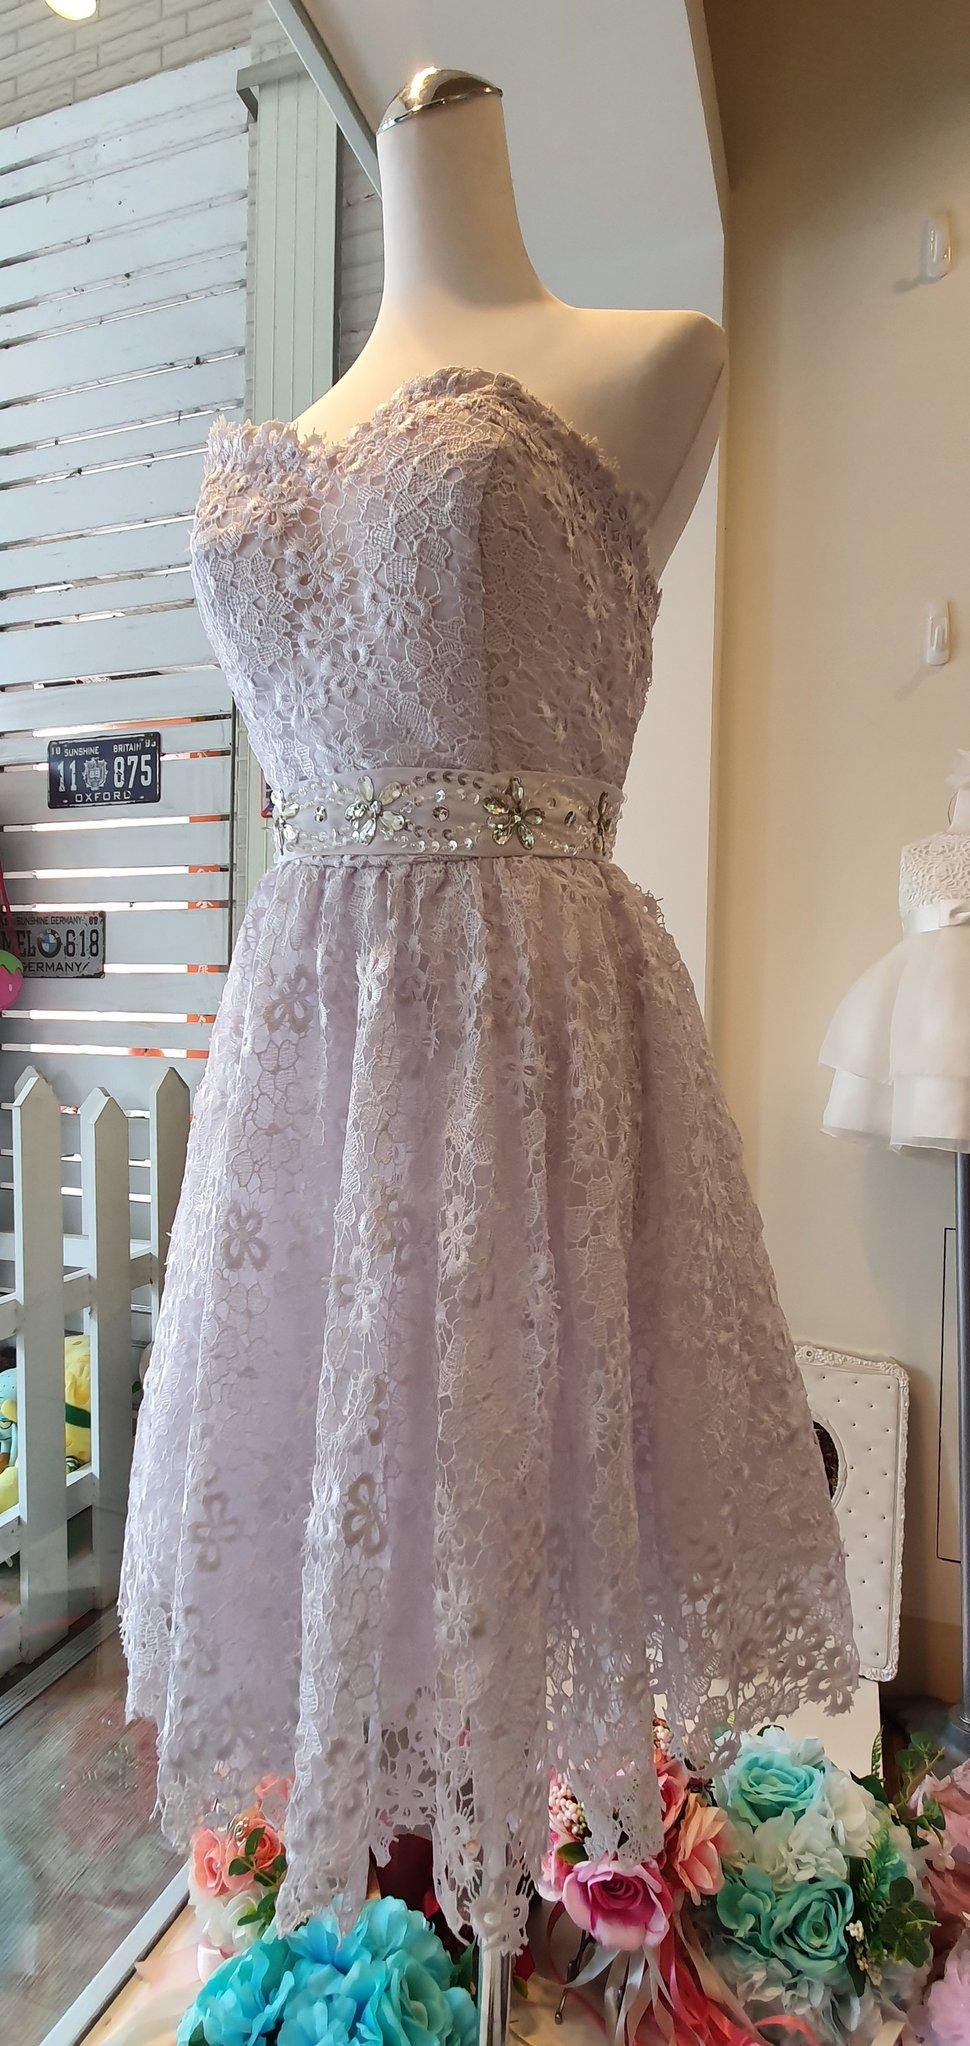 20200214_122858 - 全台最便宜-45DESIGN四五婚紗禮服《結婚吧》